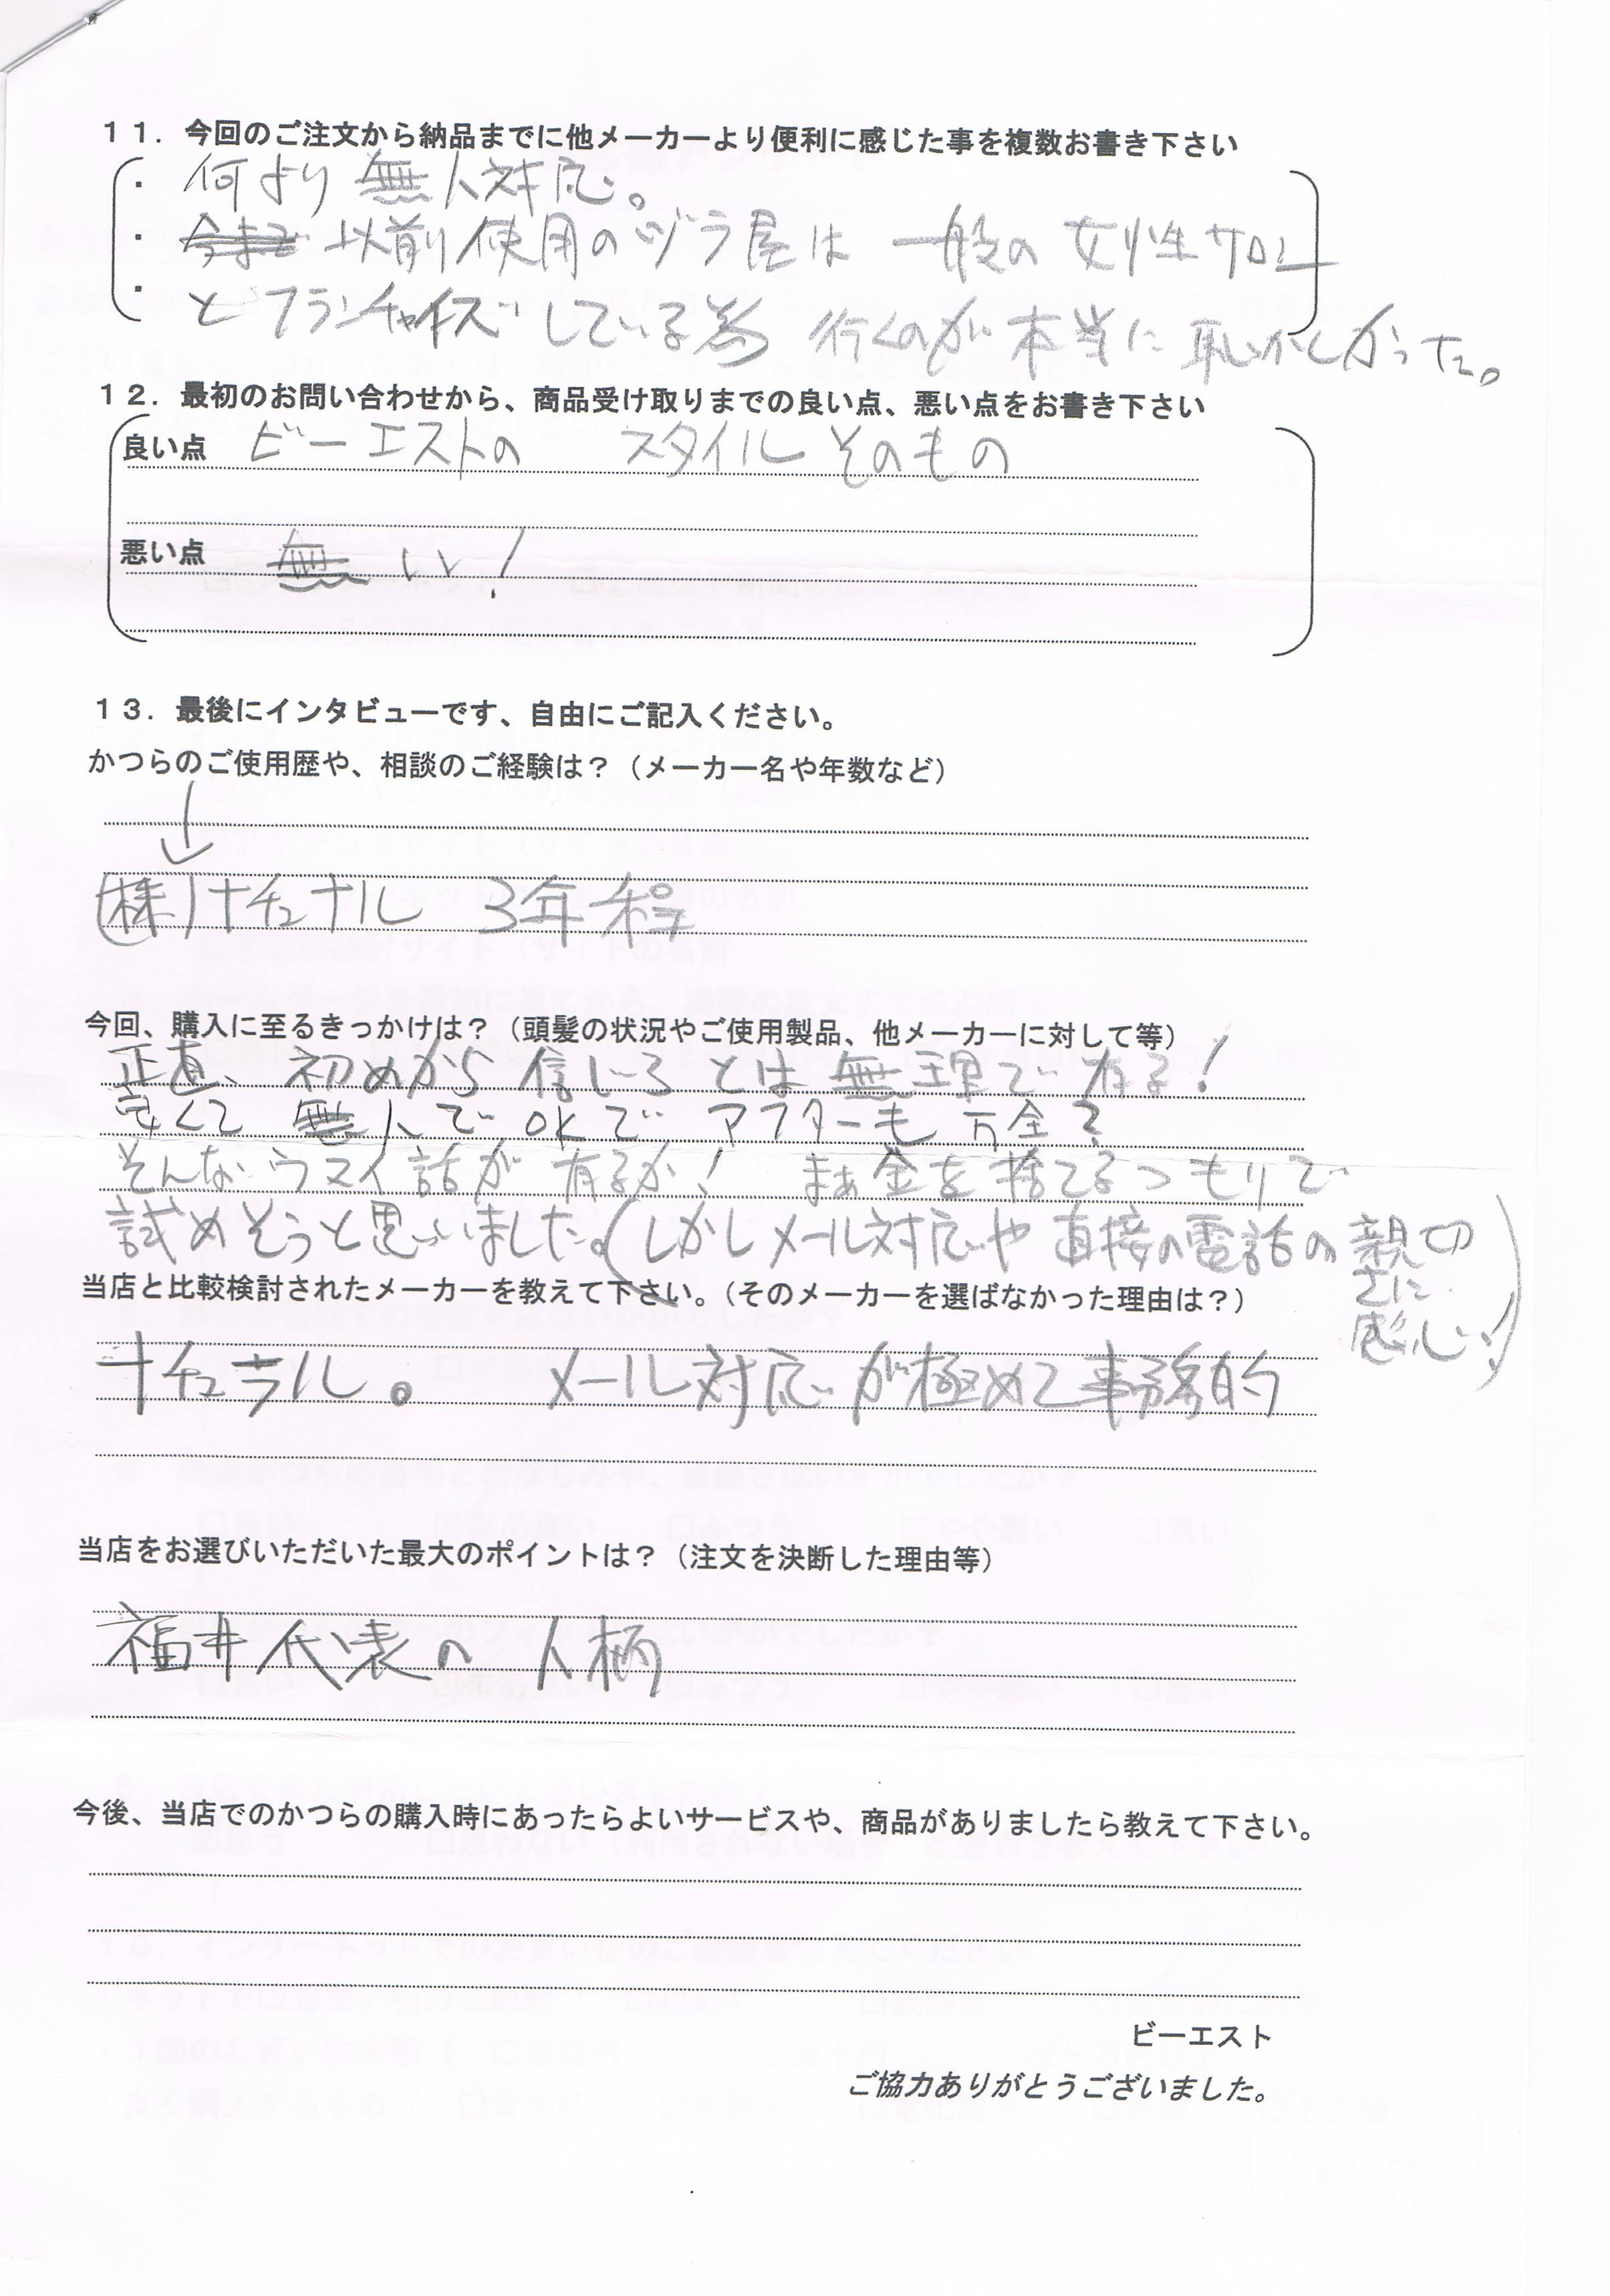 静岡県40代(初めから信じろとは無理である!)